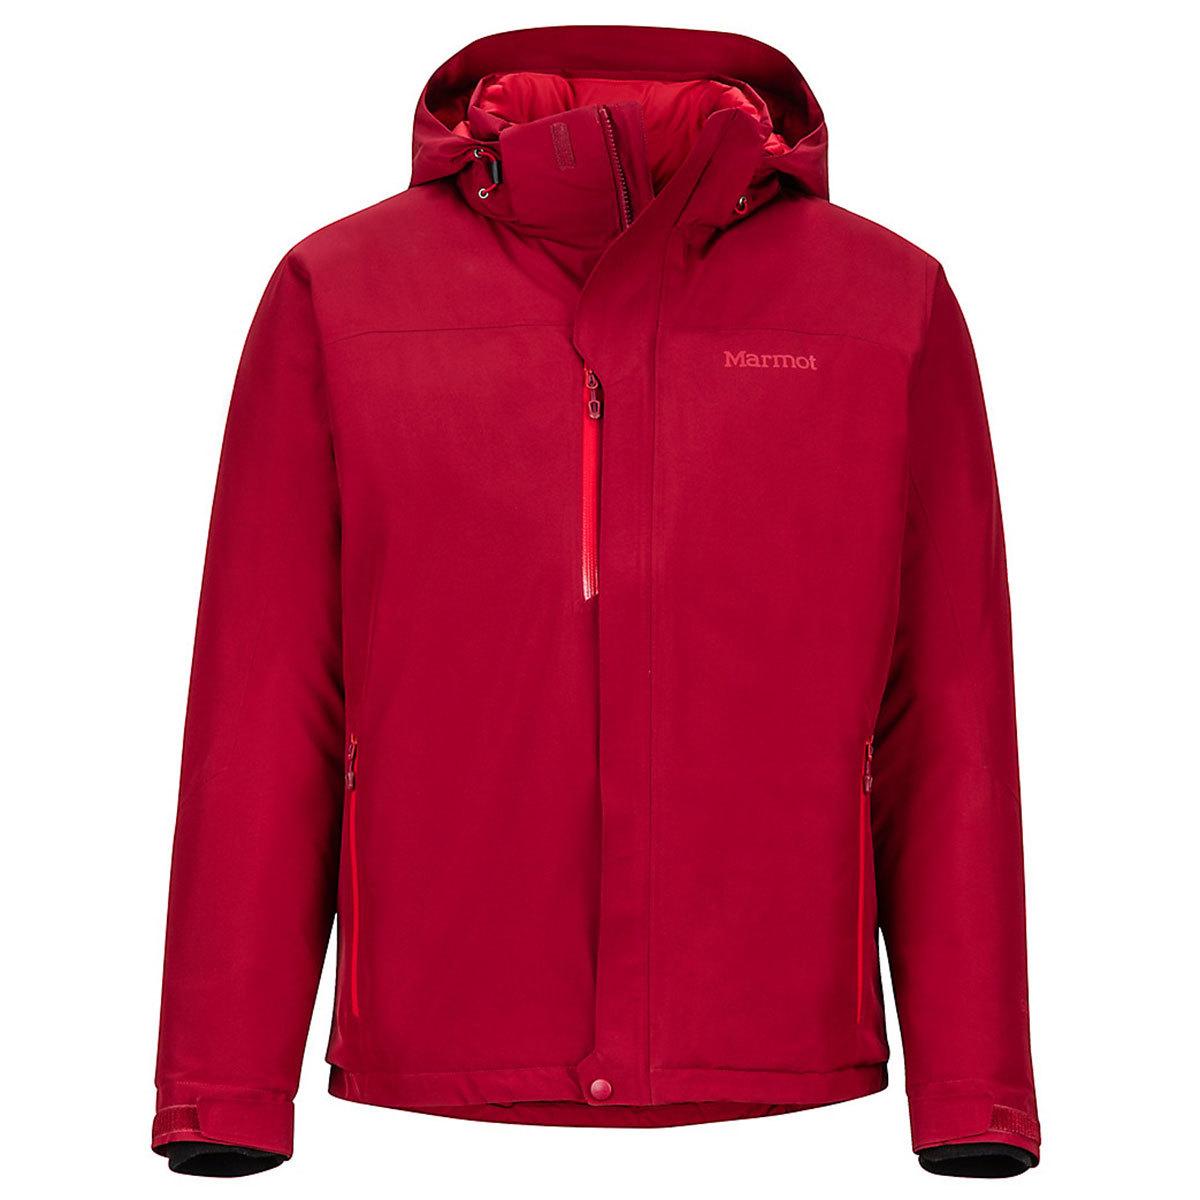 Marmot Men's Synergy Featherless Jacket - Red, XL